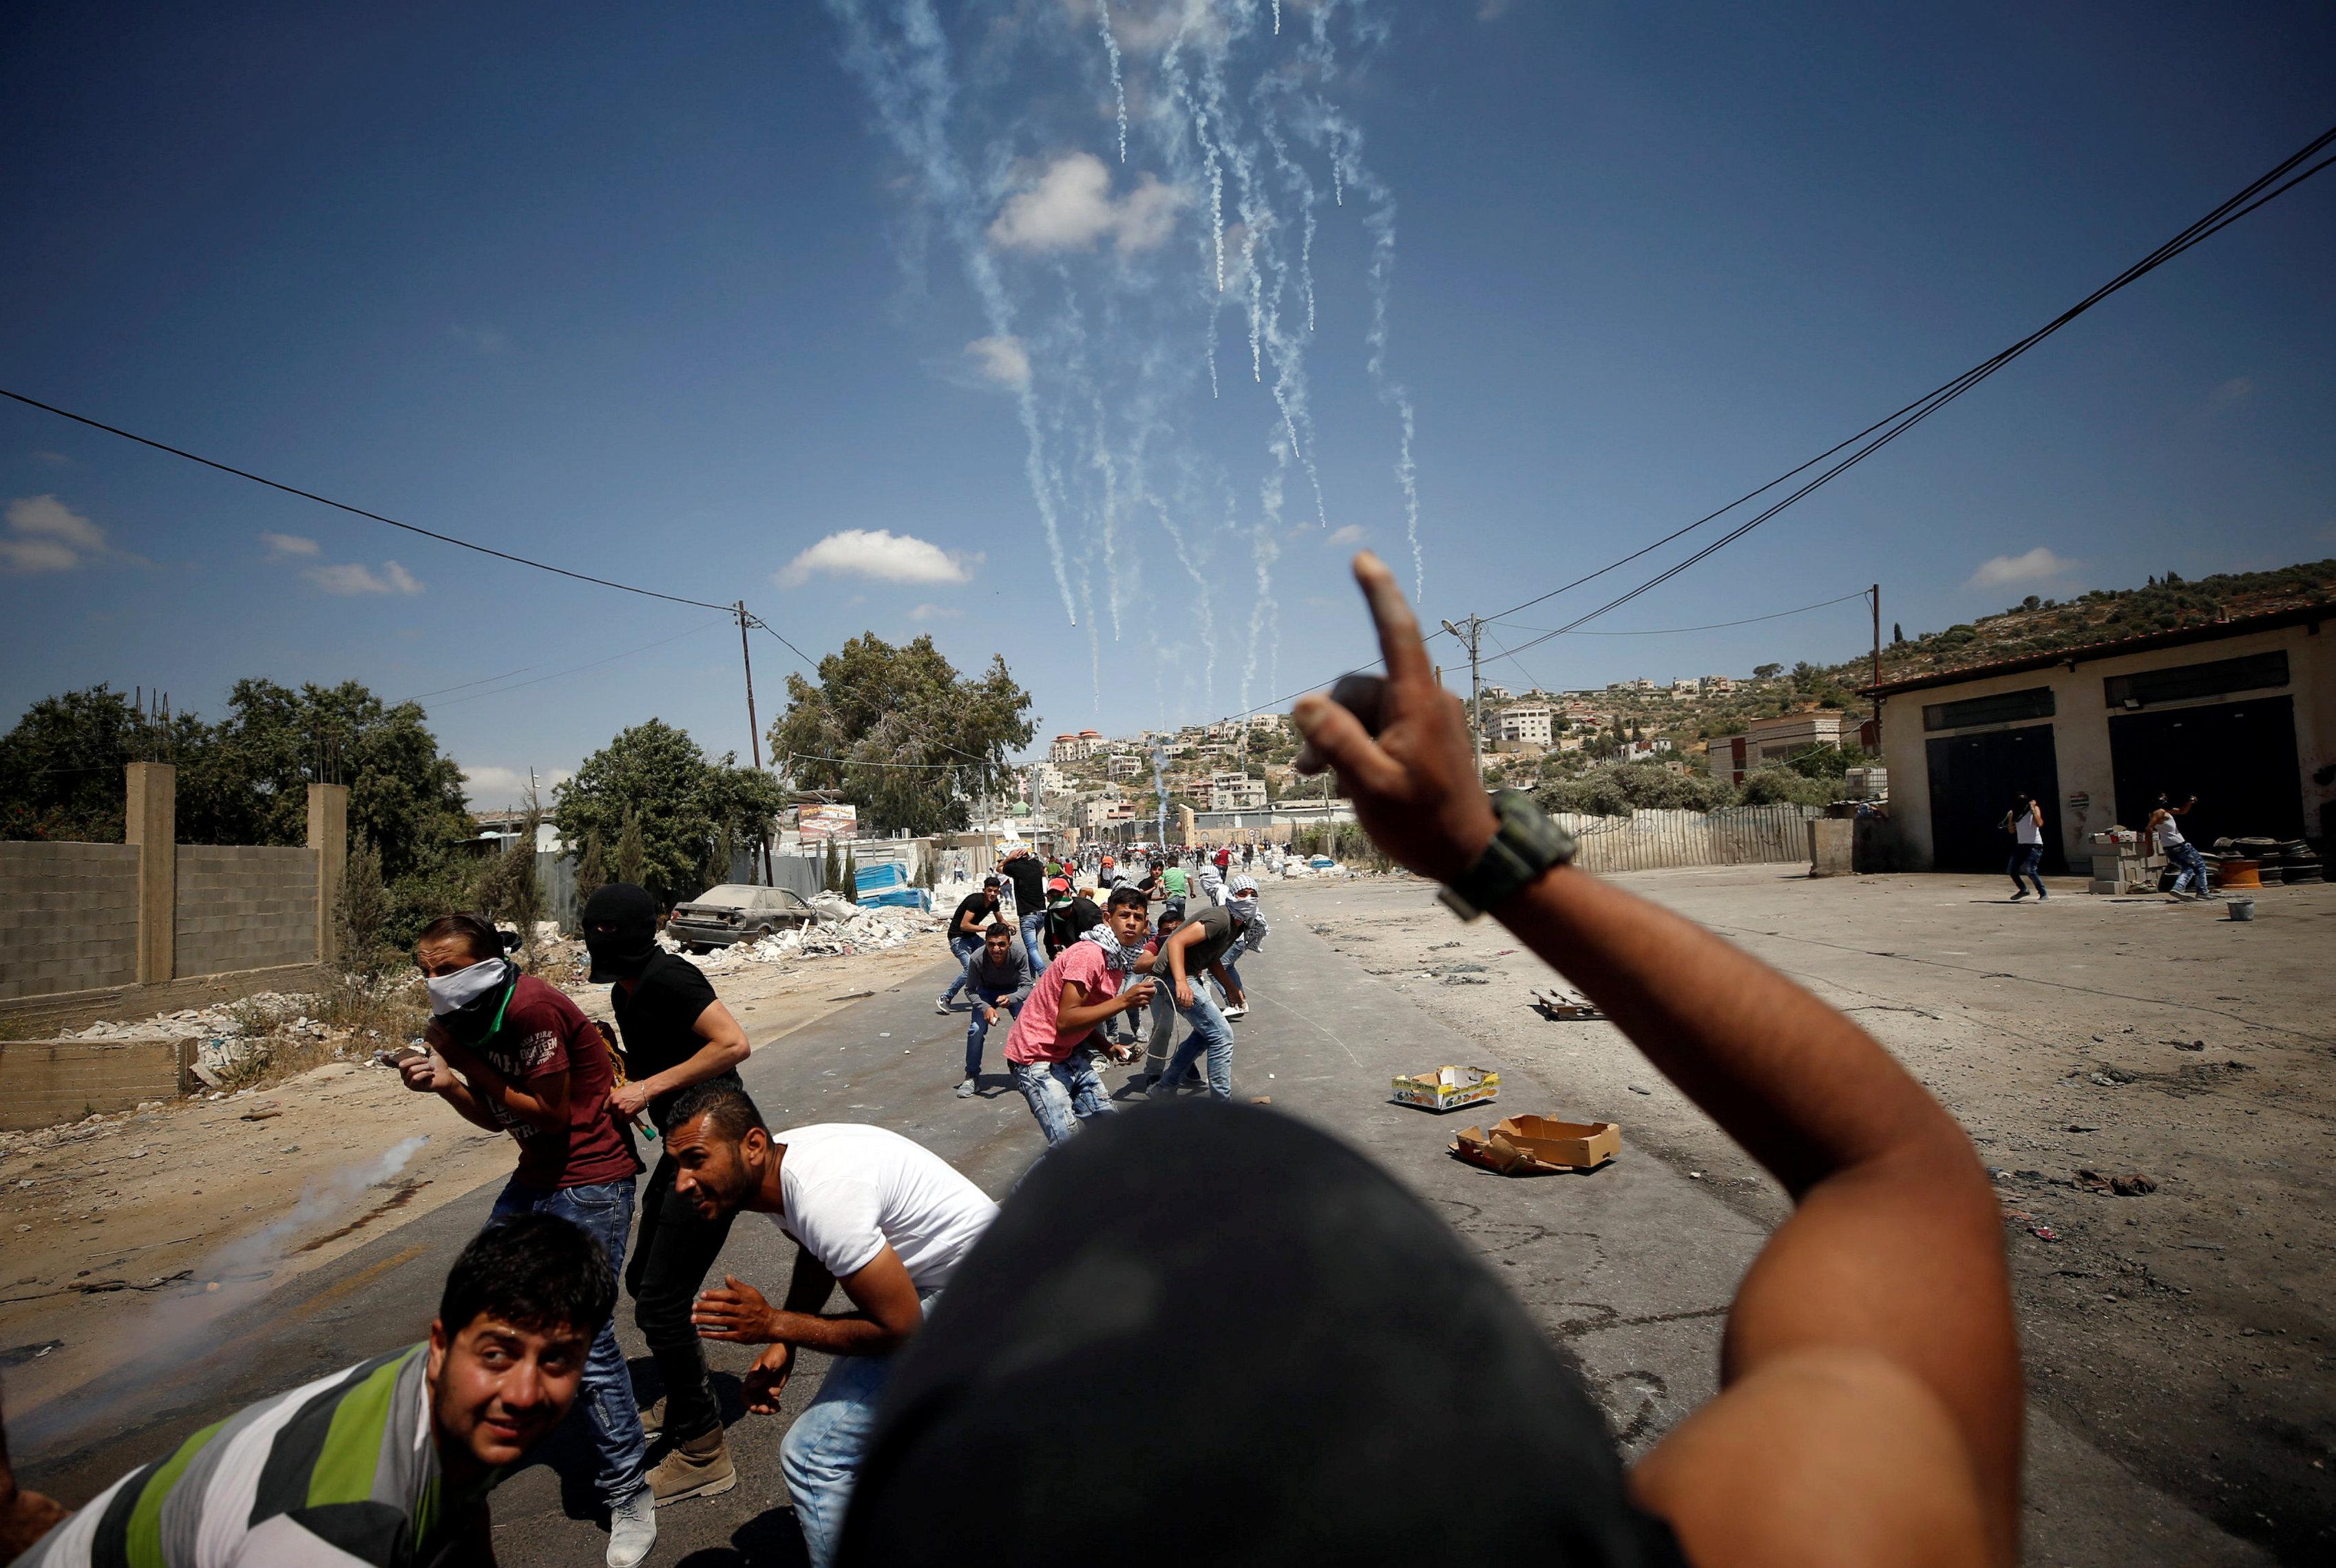 قوات الاحتلال تطلق الغاز المسيل للدموع على المتظاهرين